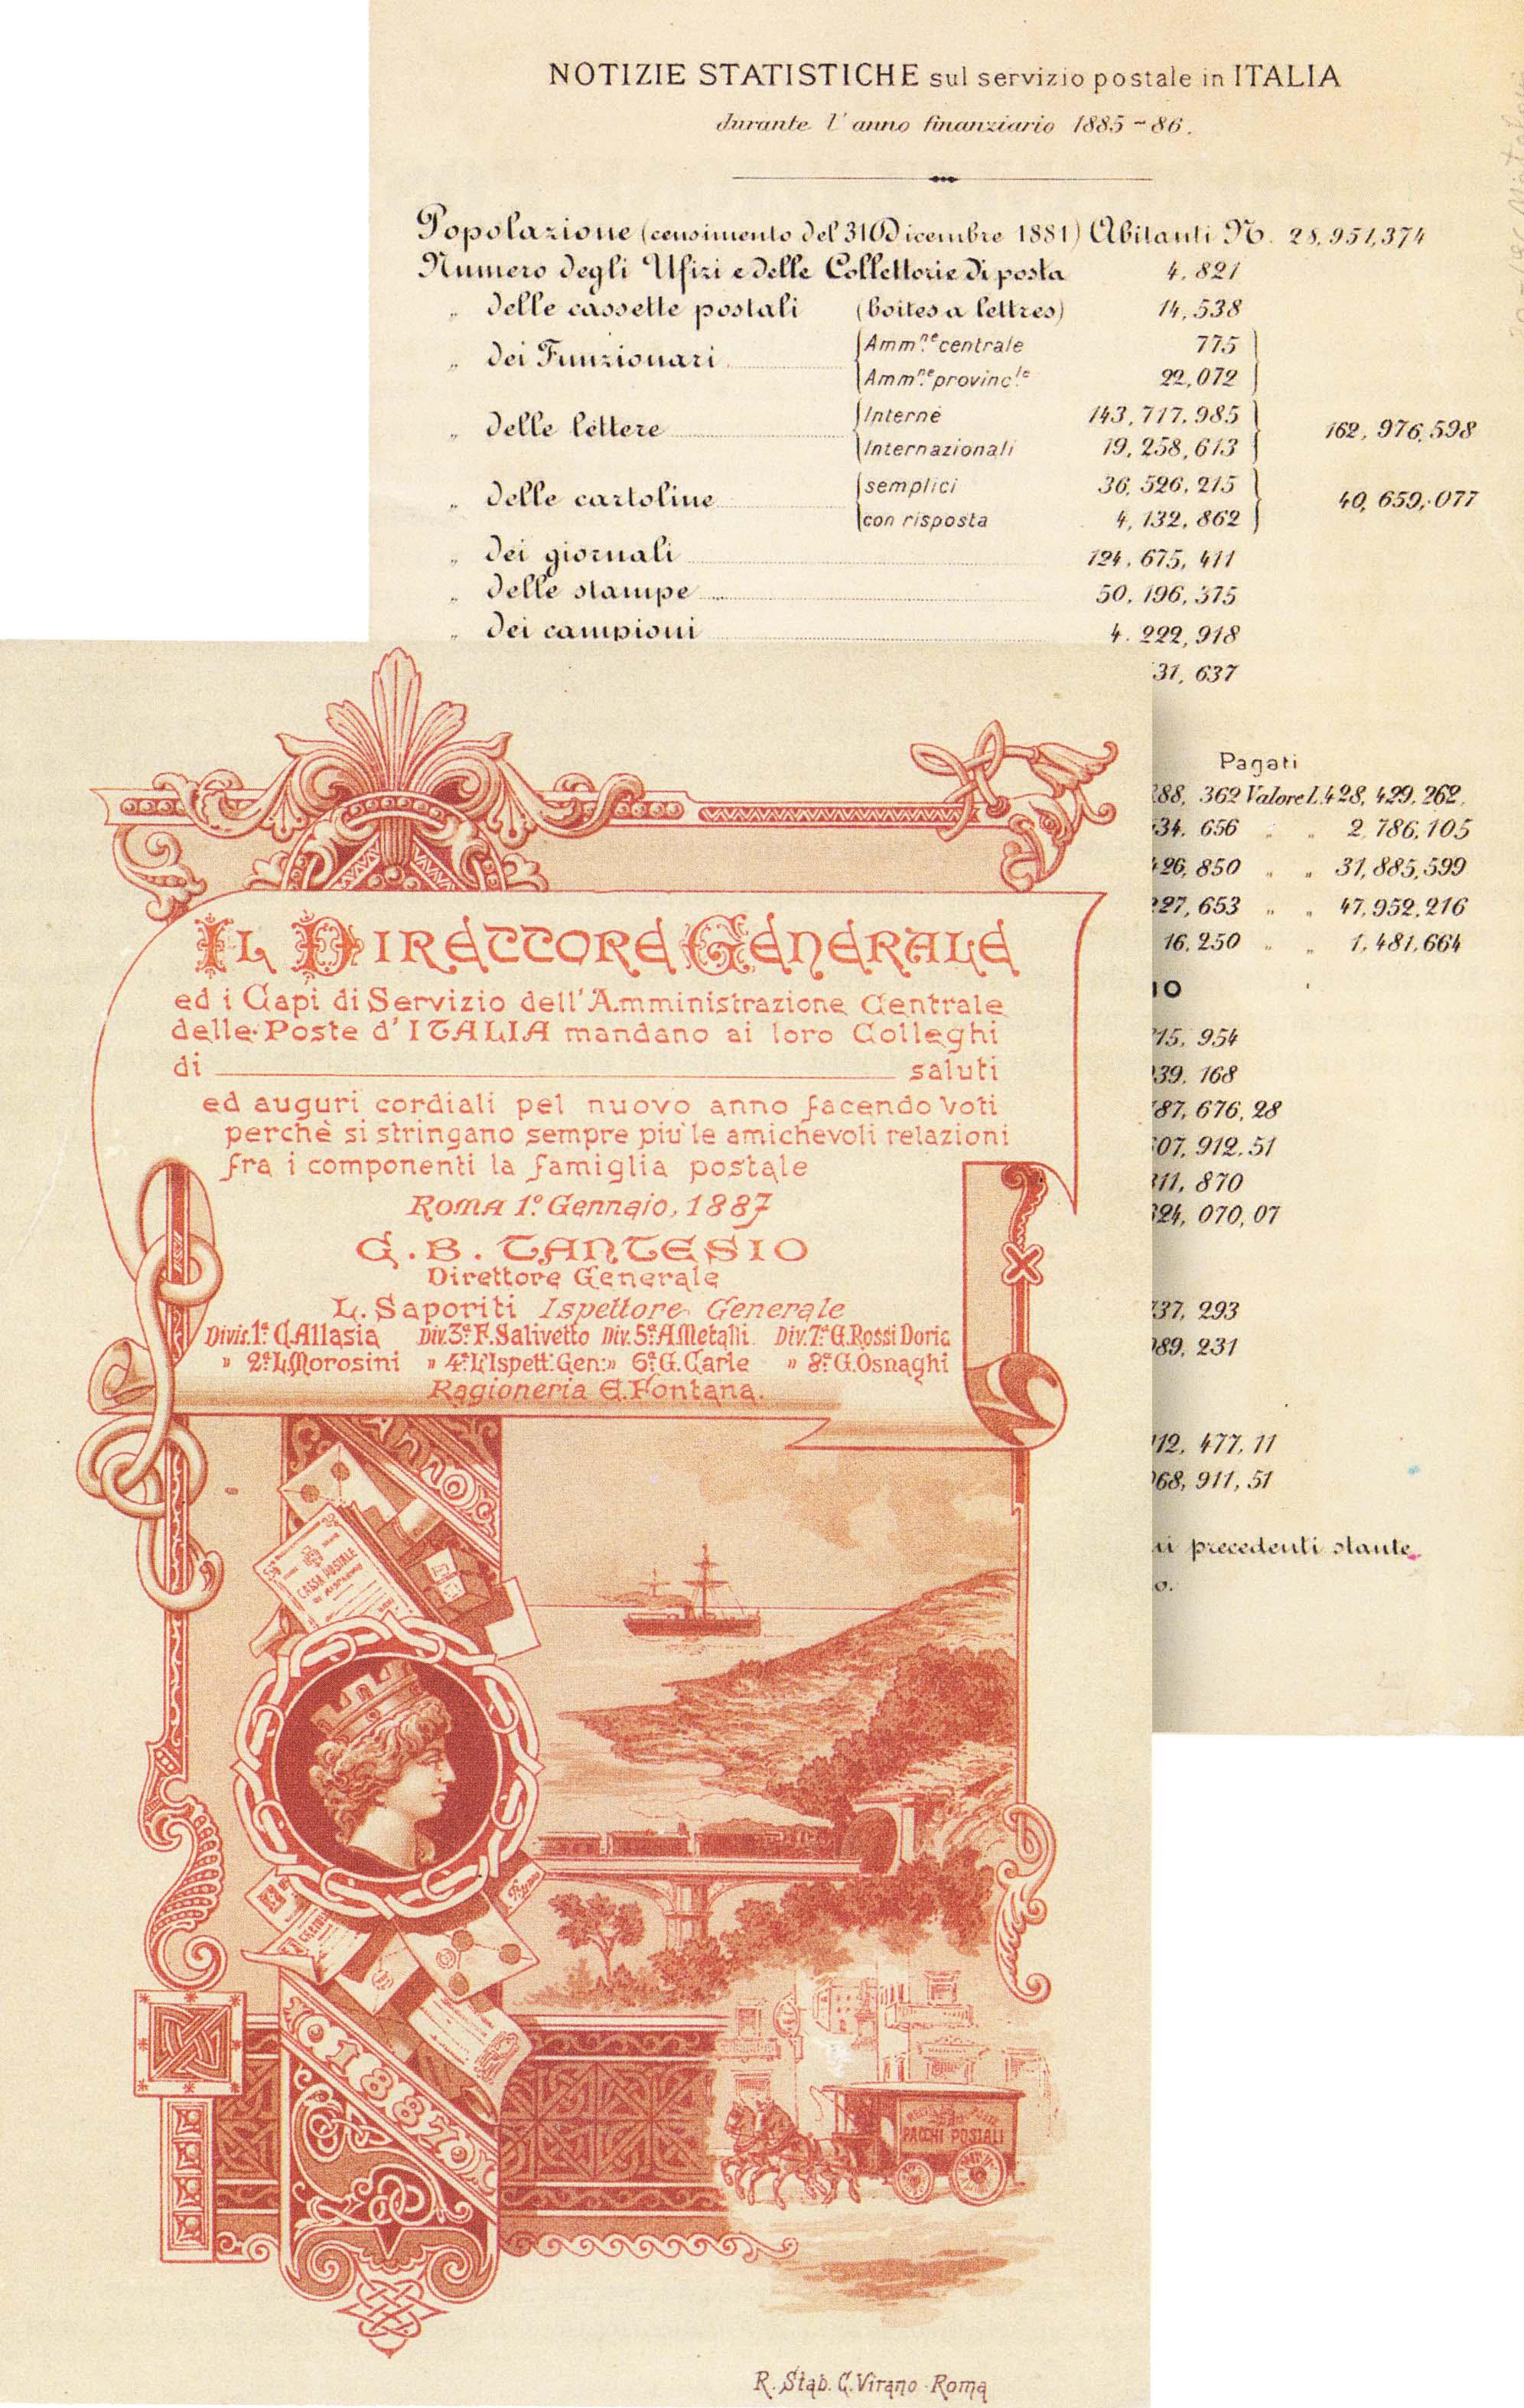 Un cartoncino d auguri del Direttore generale delle Poste risalente al 1886 quando non erano ancora un Ministero Molto interessanti le notizie statistiche